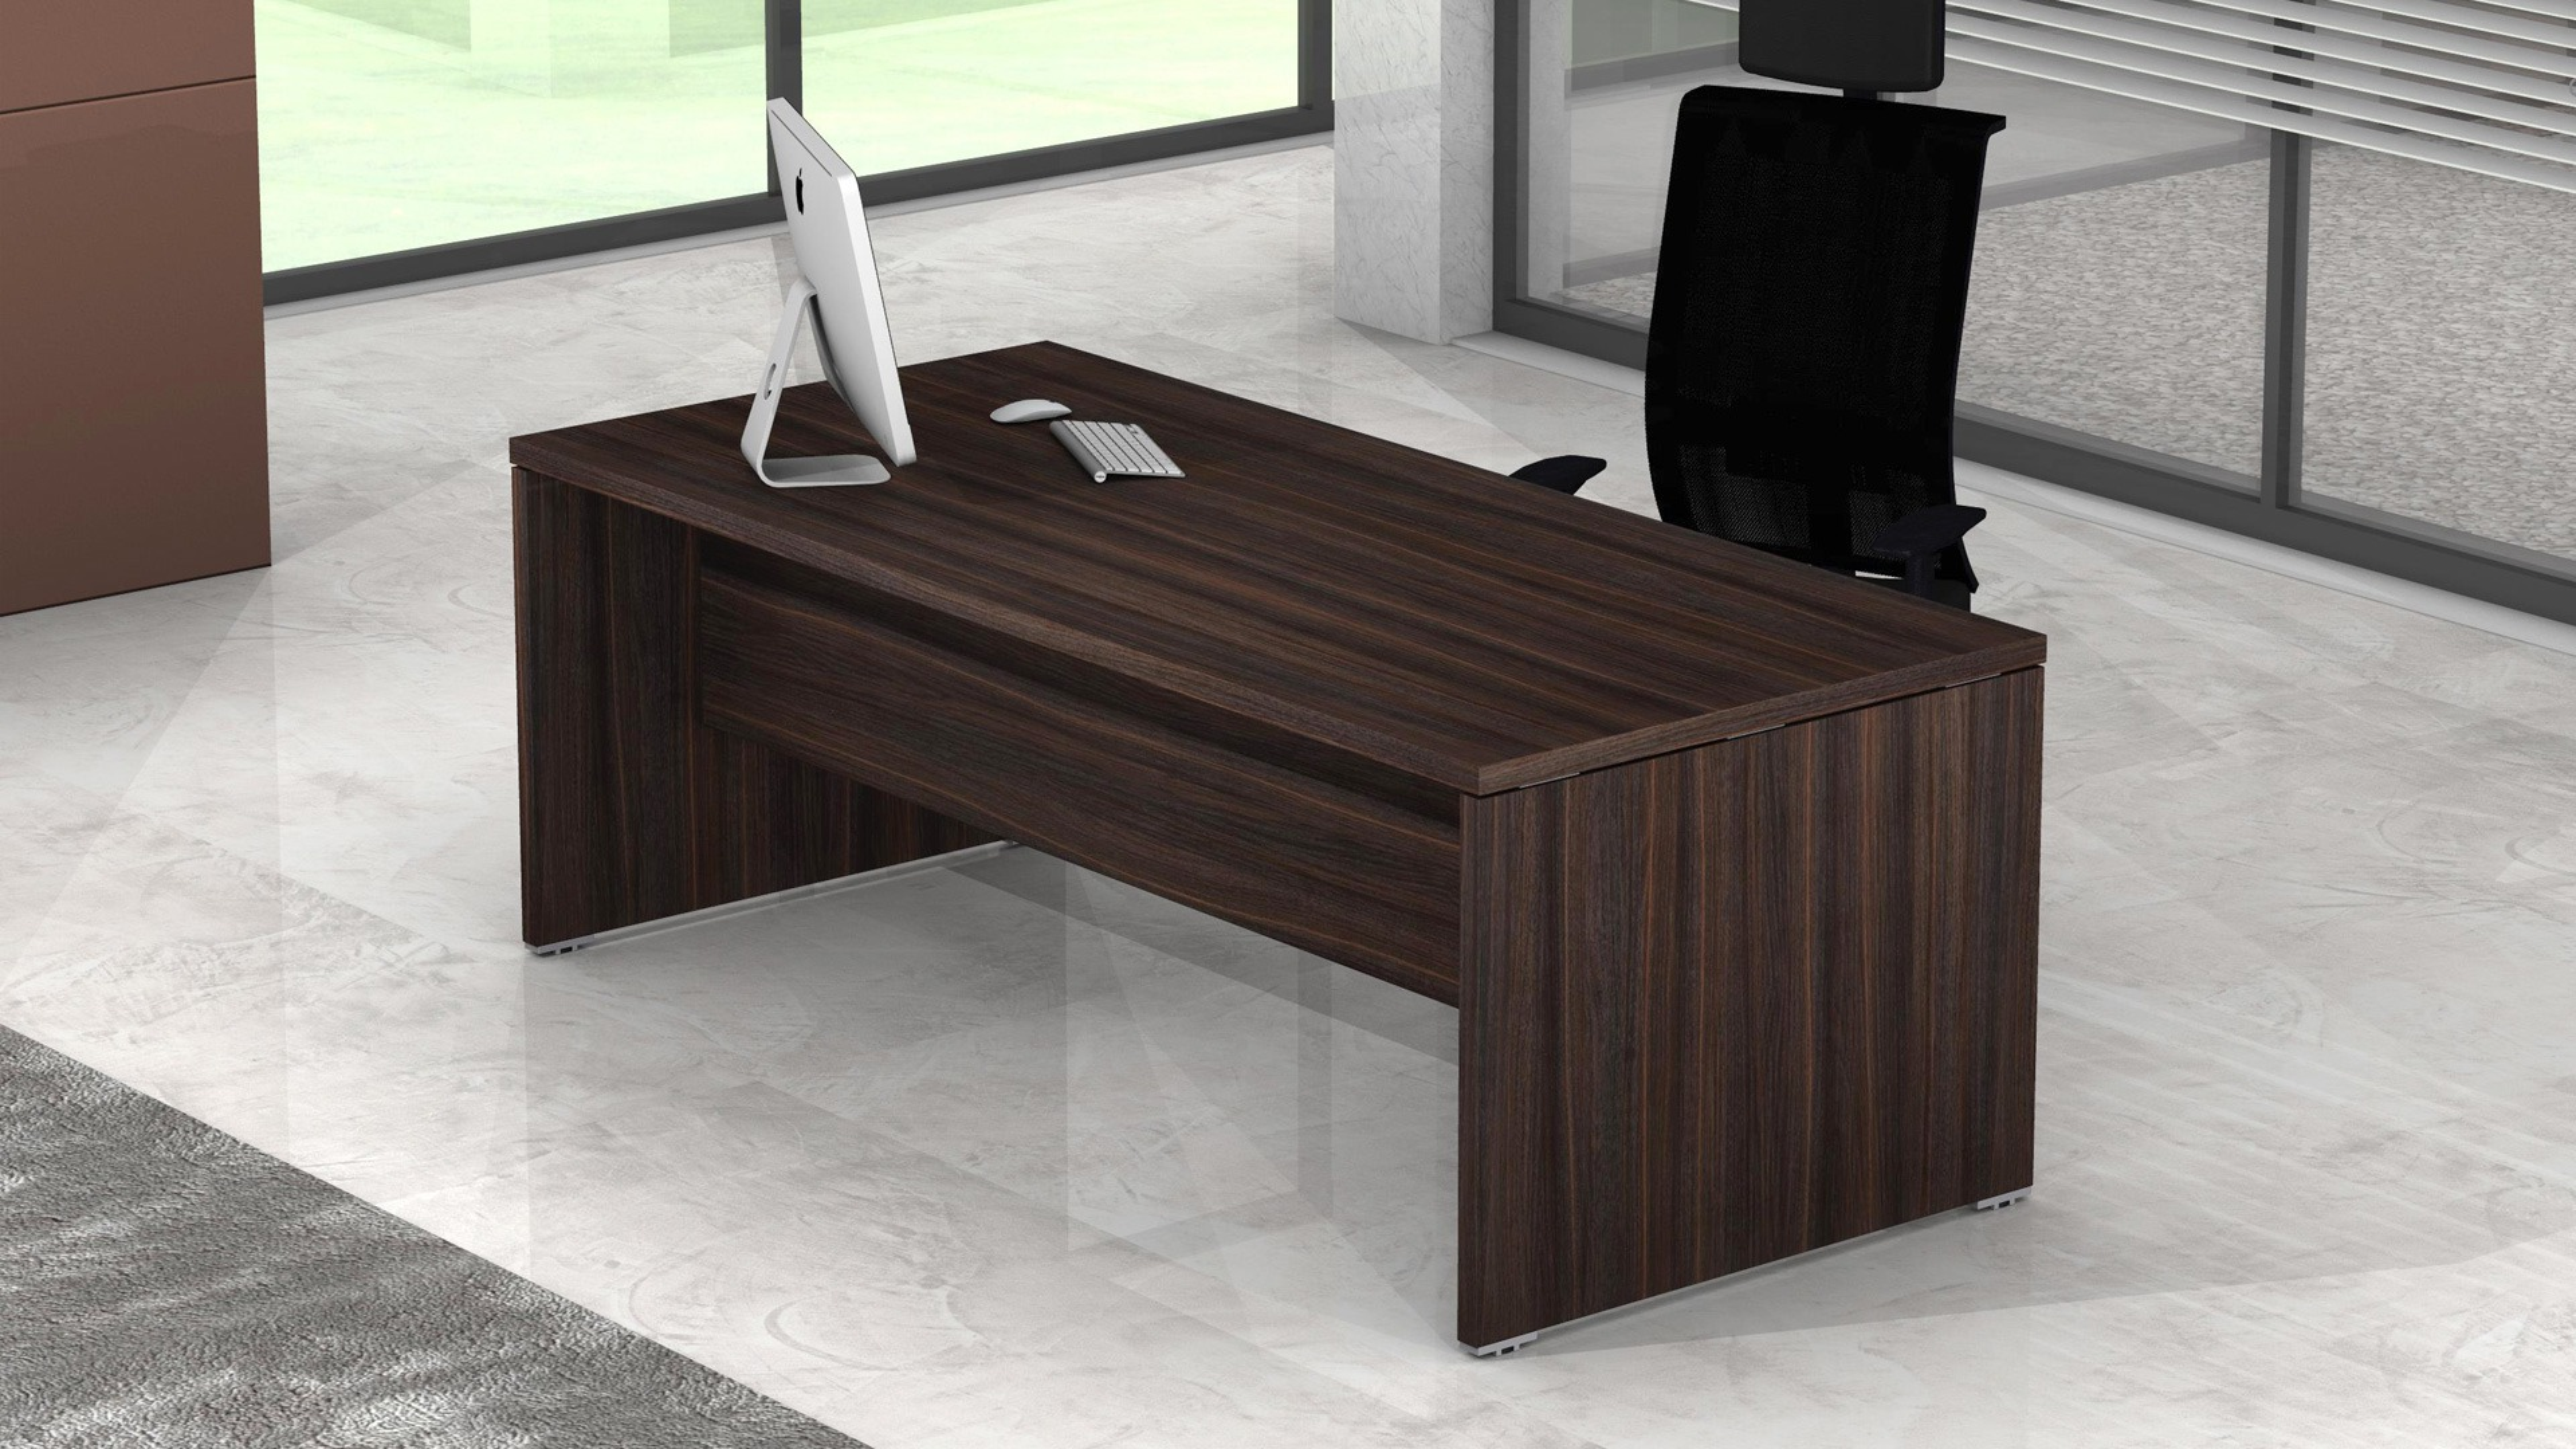 Sc011 scrivanie direzionali ufficio da 210 18 fumustore for Scrivanie direzionali ufficio